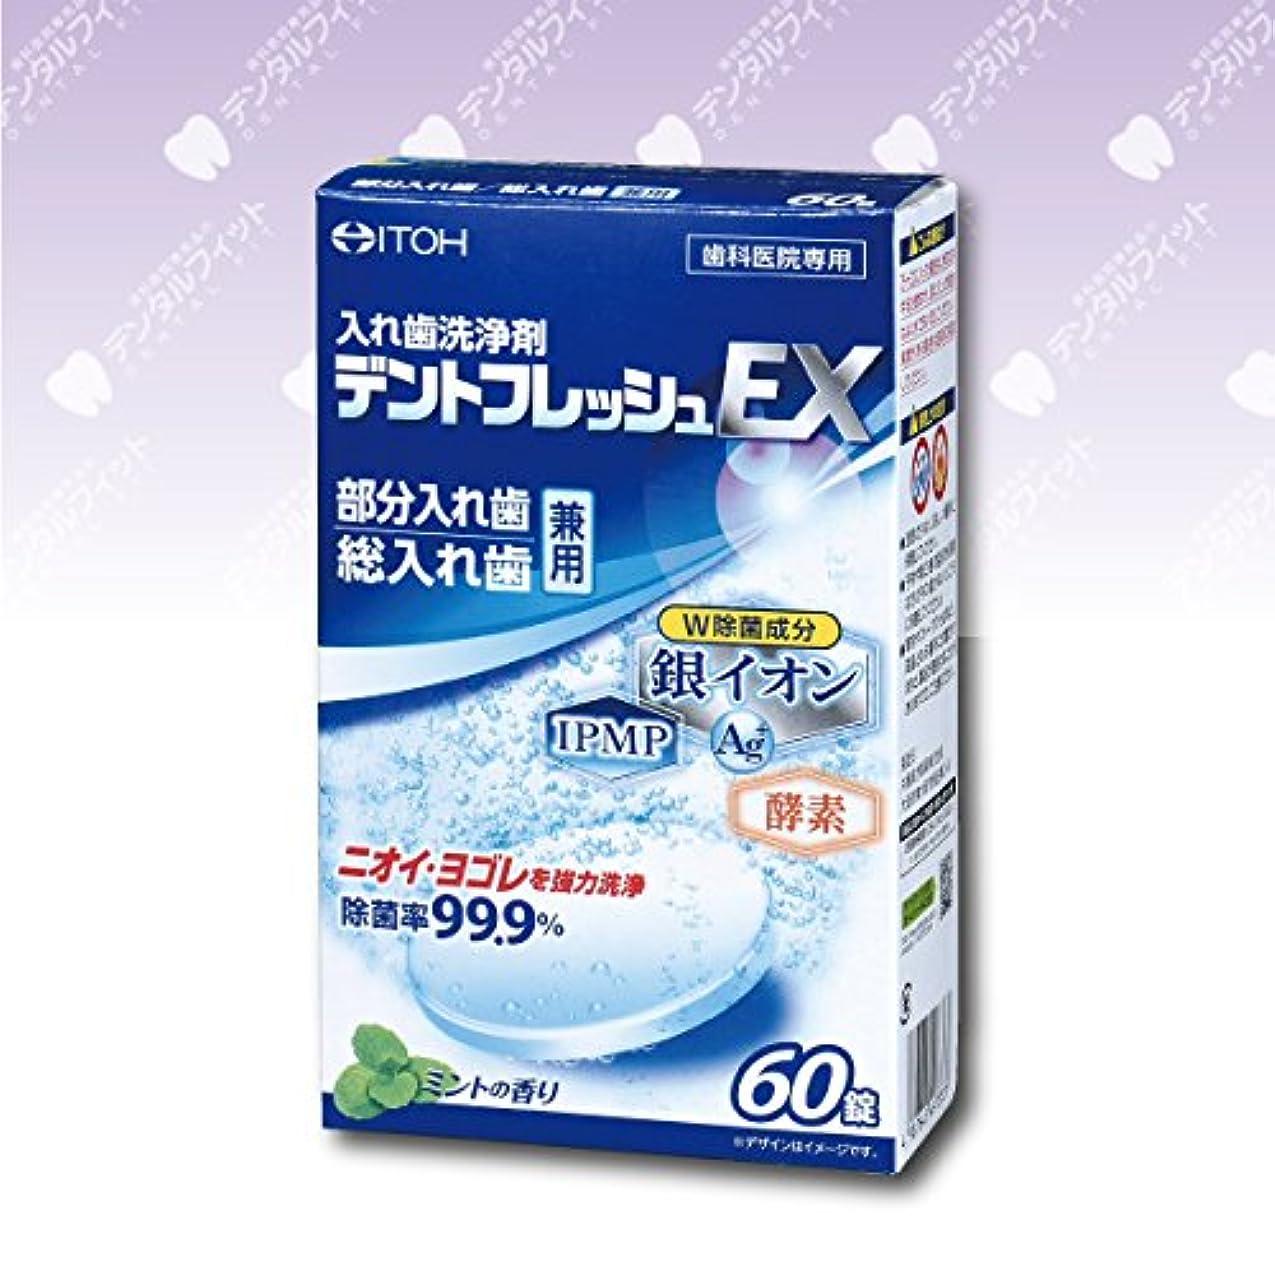 ドラフト節約責め入れ歯洗浄剤 デントフレッシュEX 1箱(60錠)